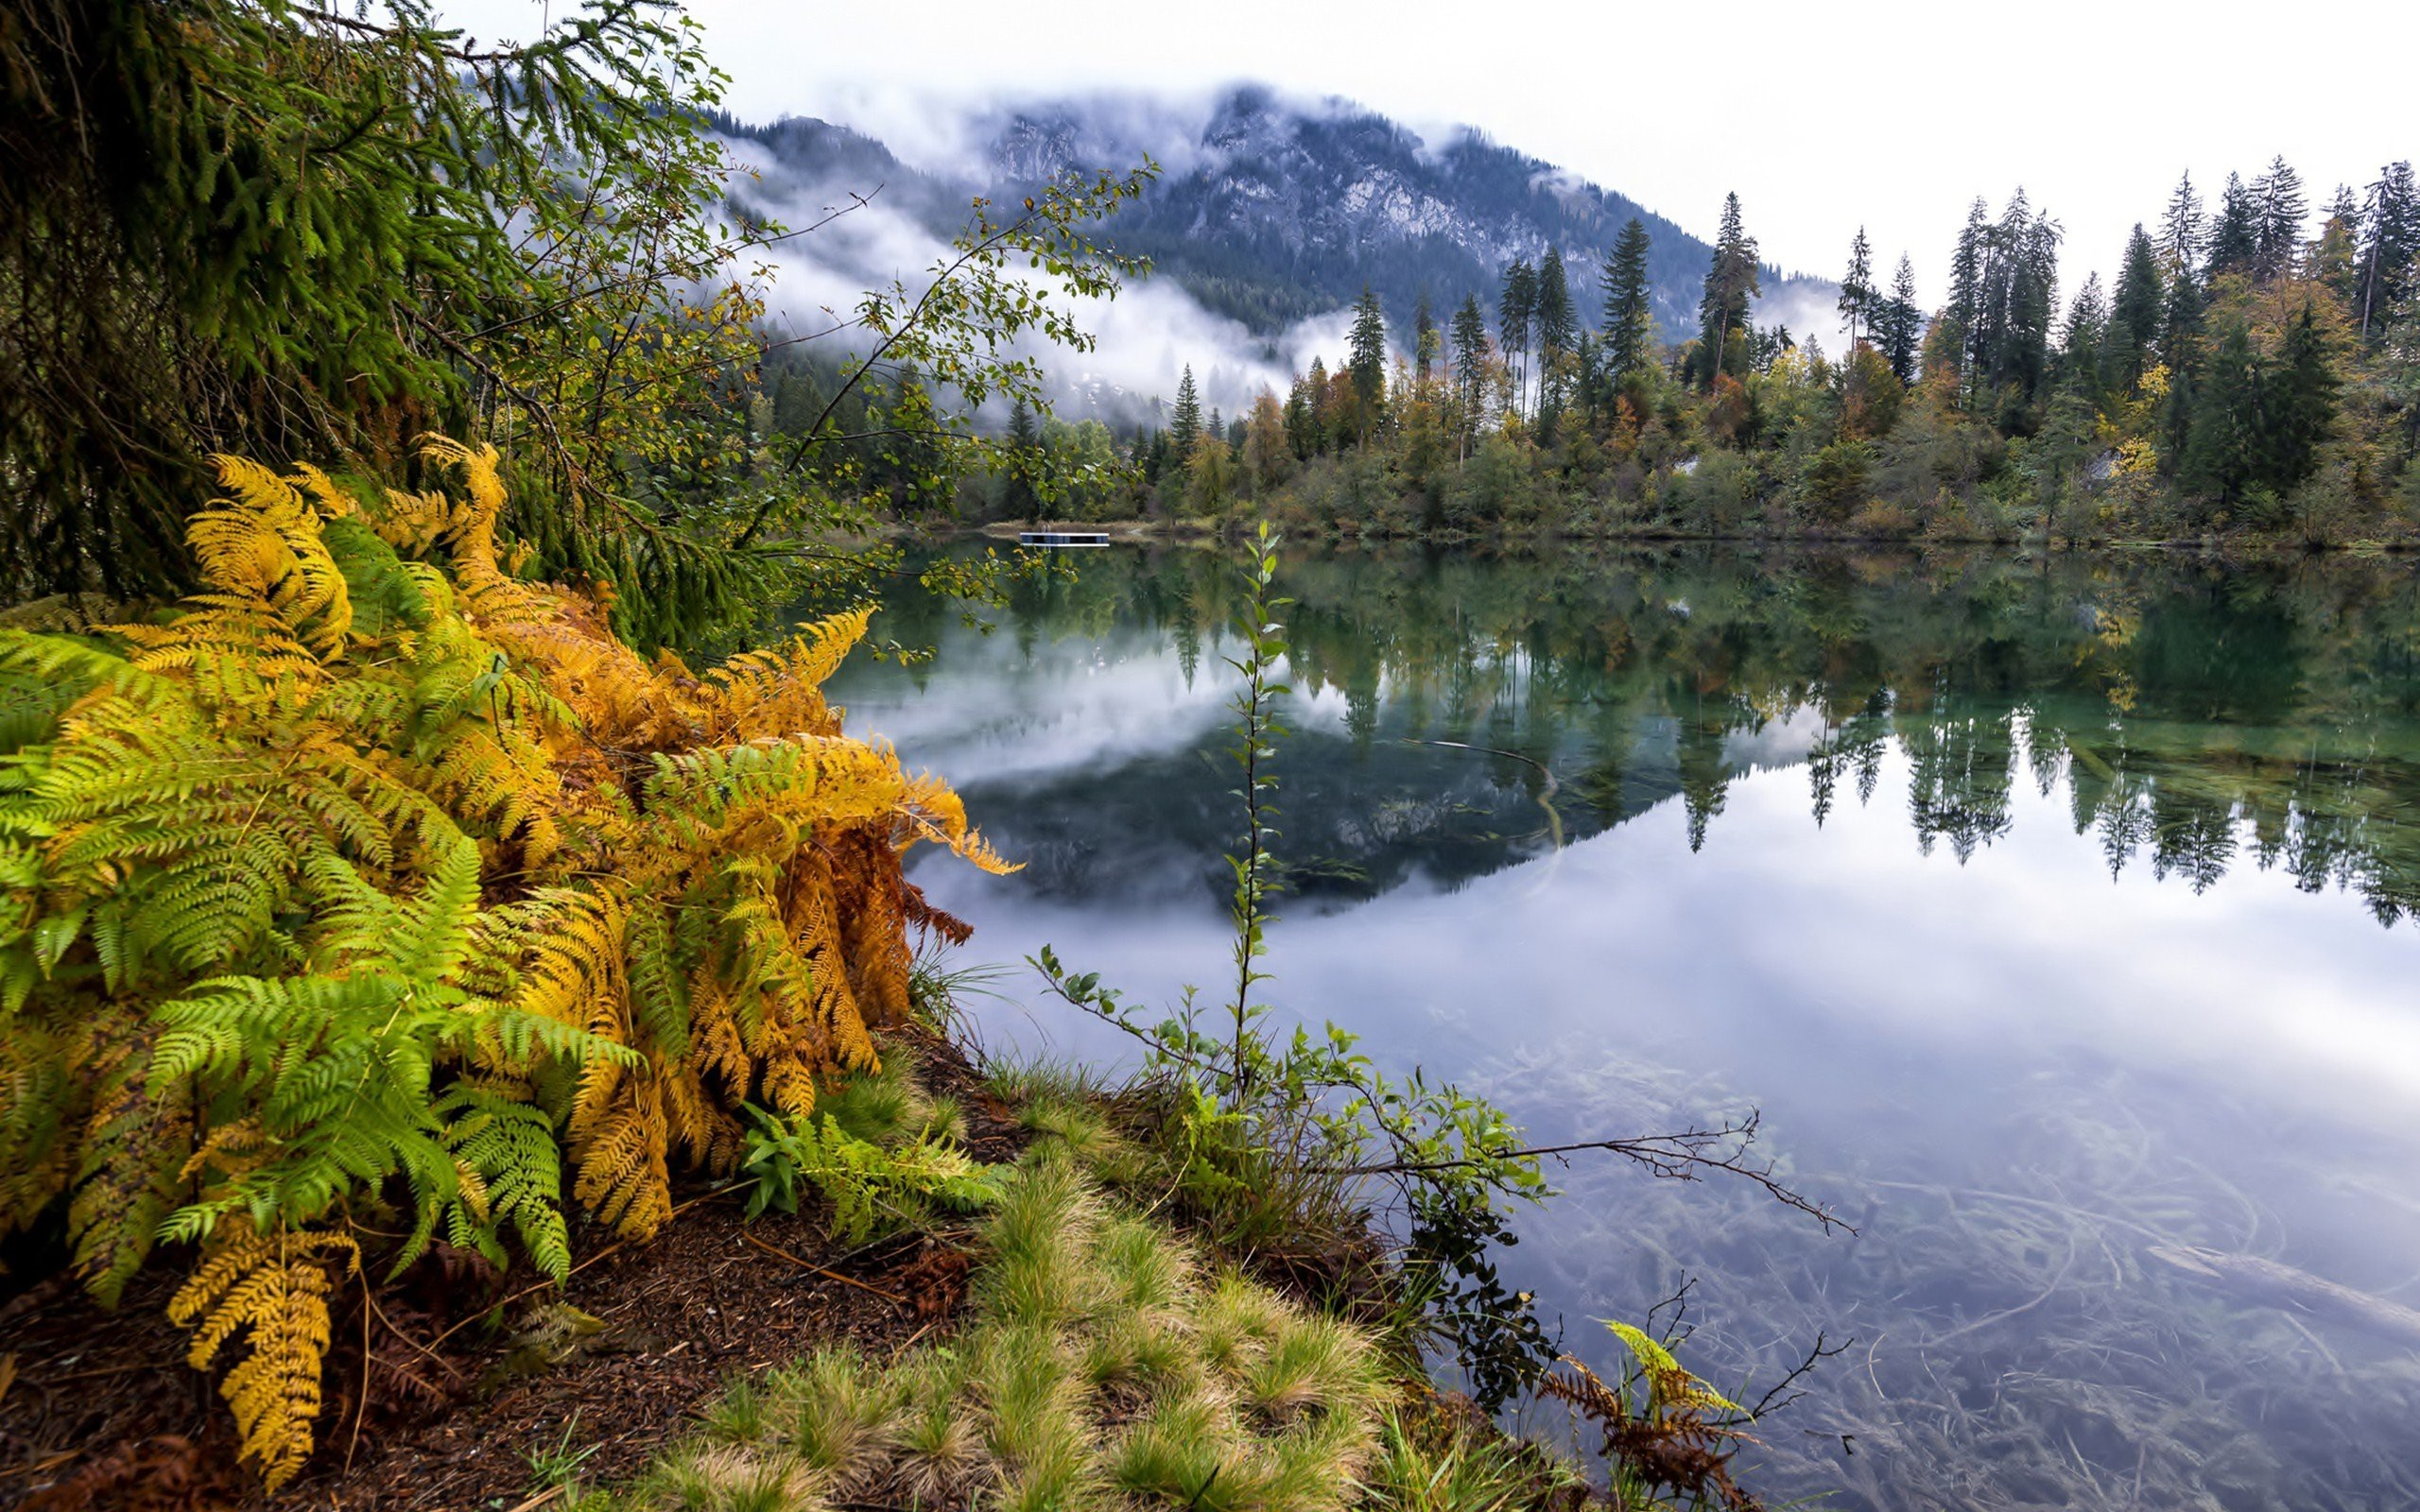 Landscape 4K Ultra HD Wallpaper | … forest landscape fog lake ultrahd 4k wallpaper  wallpaper background | Божье творение | Pinterest | Wallpaper …